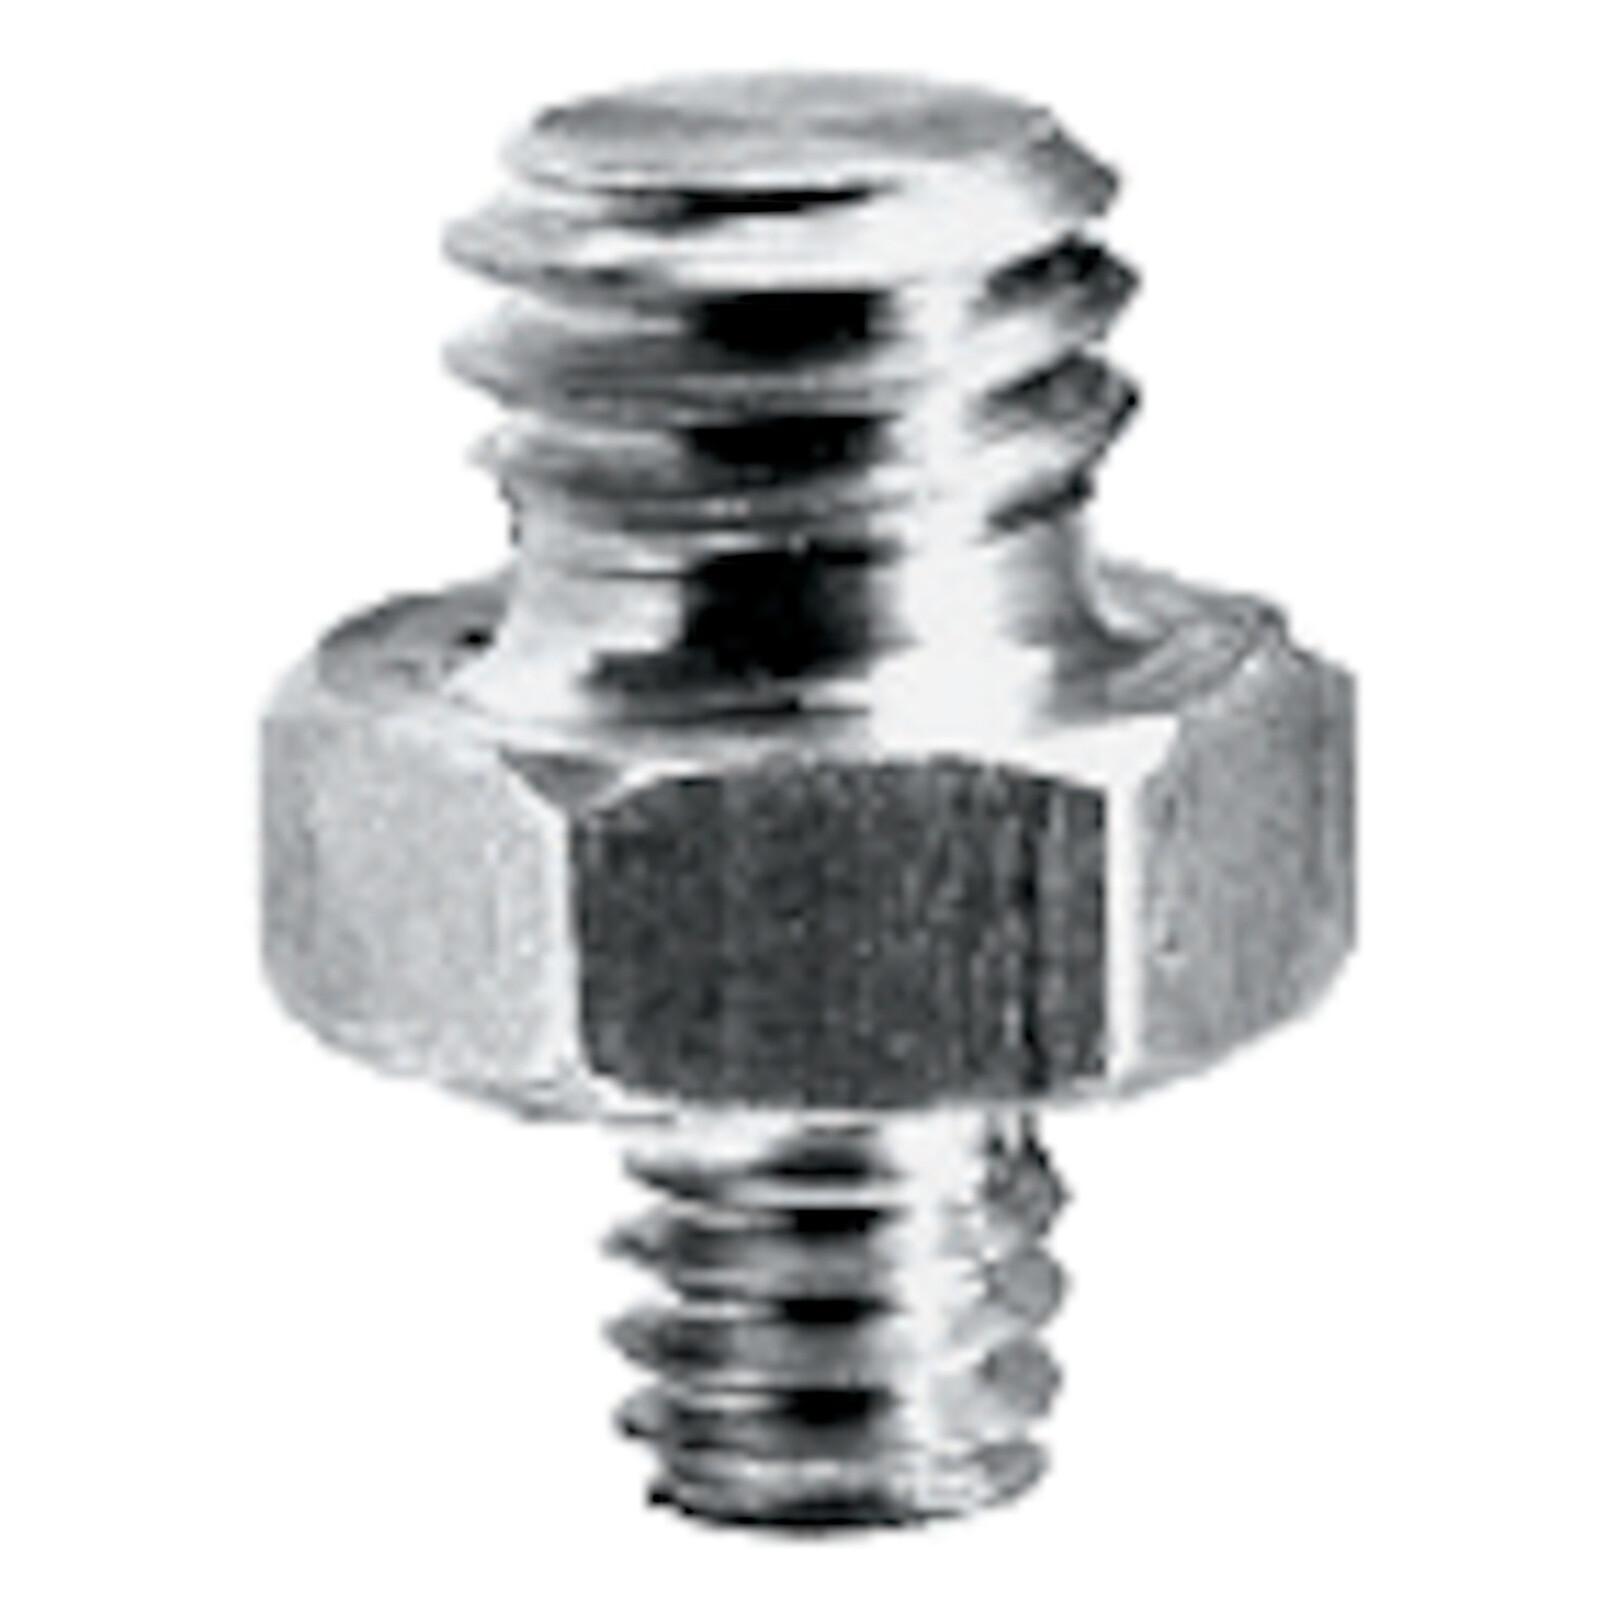 Manfrotto 147 kurzer Adapter Spigot